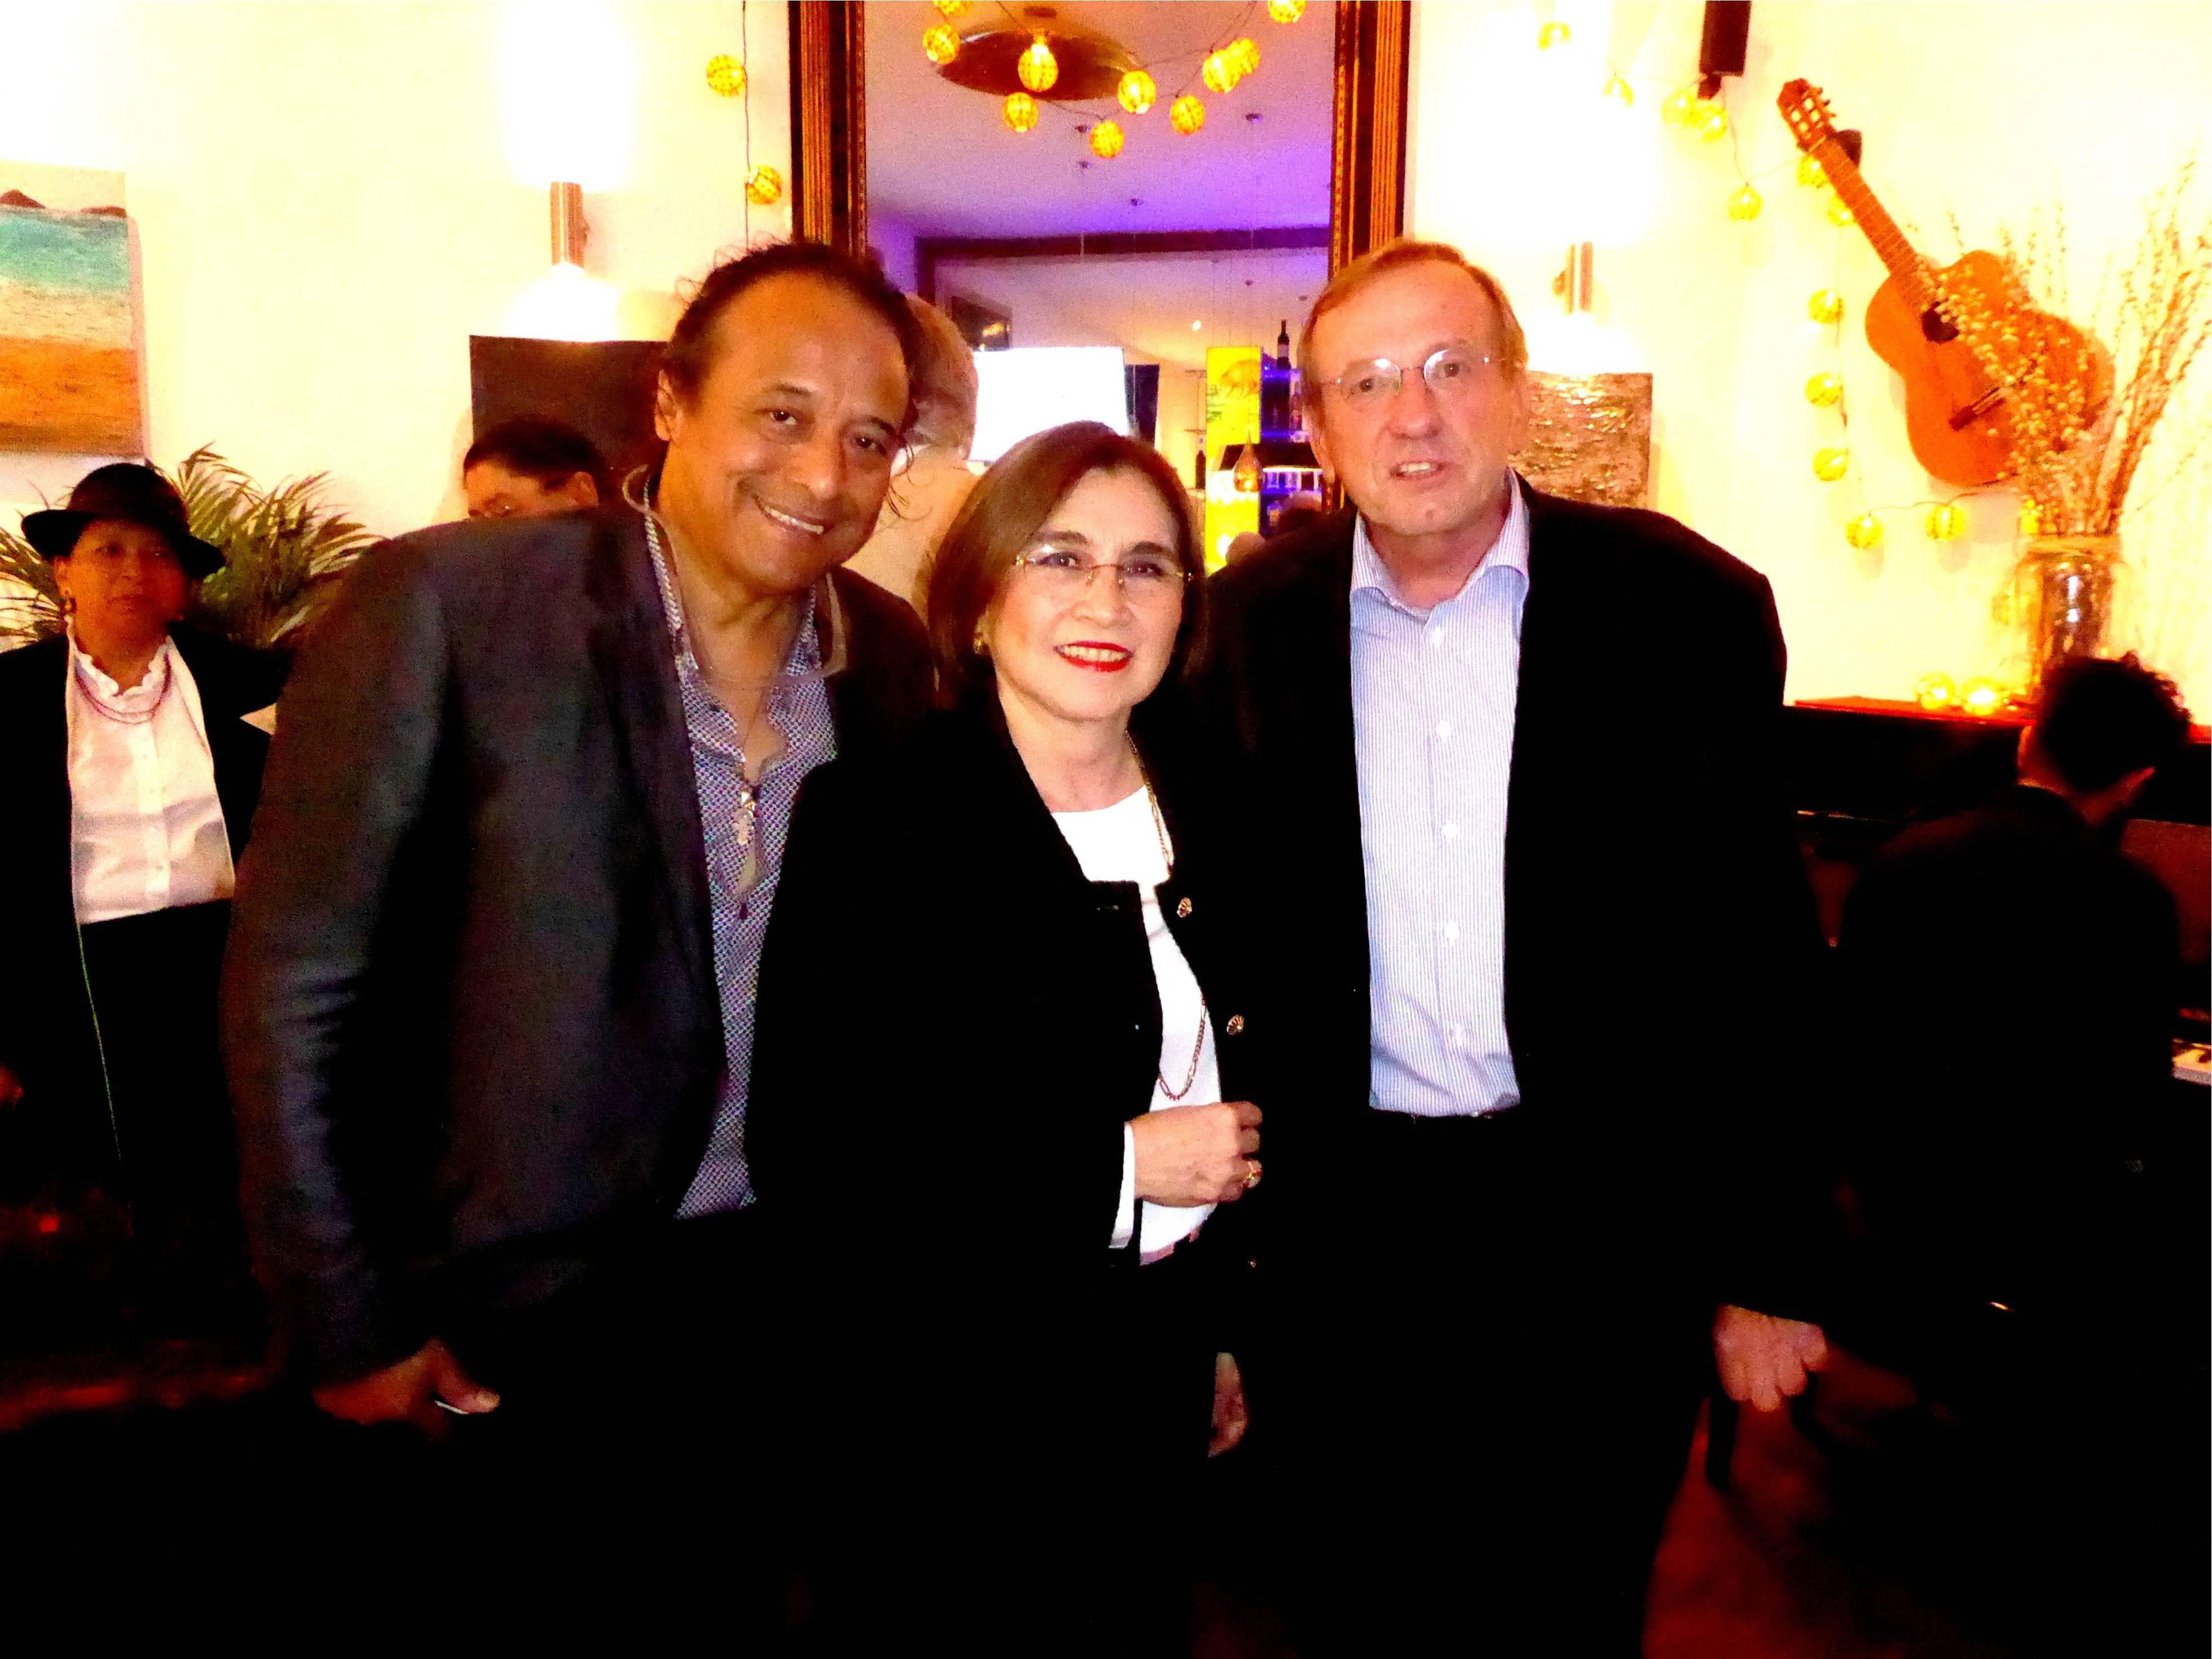 Botschafterin von Ecuador Fr. Dr. Gonzalez Cabal mit  Gerhard Knolmayer  und Hernán Toledo